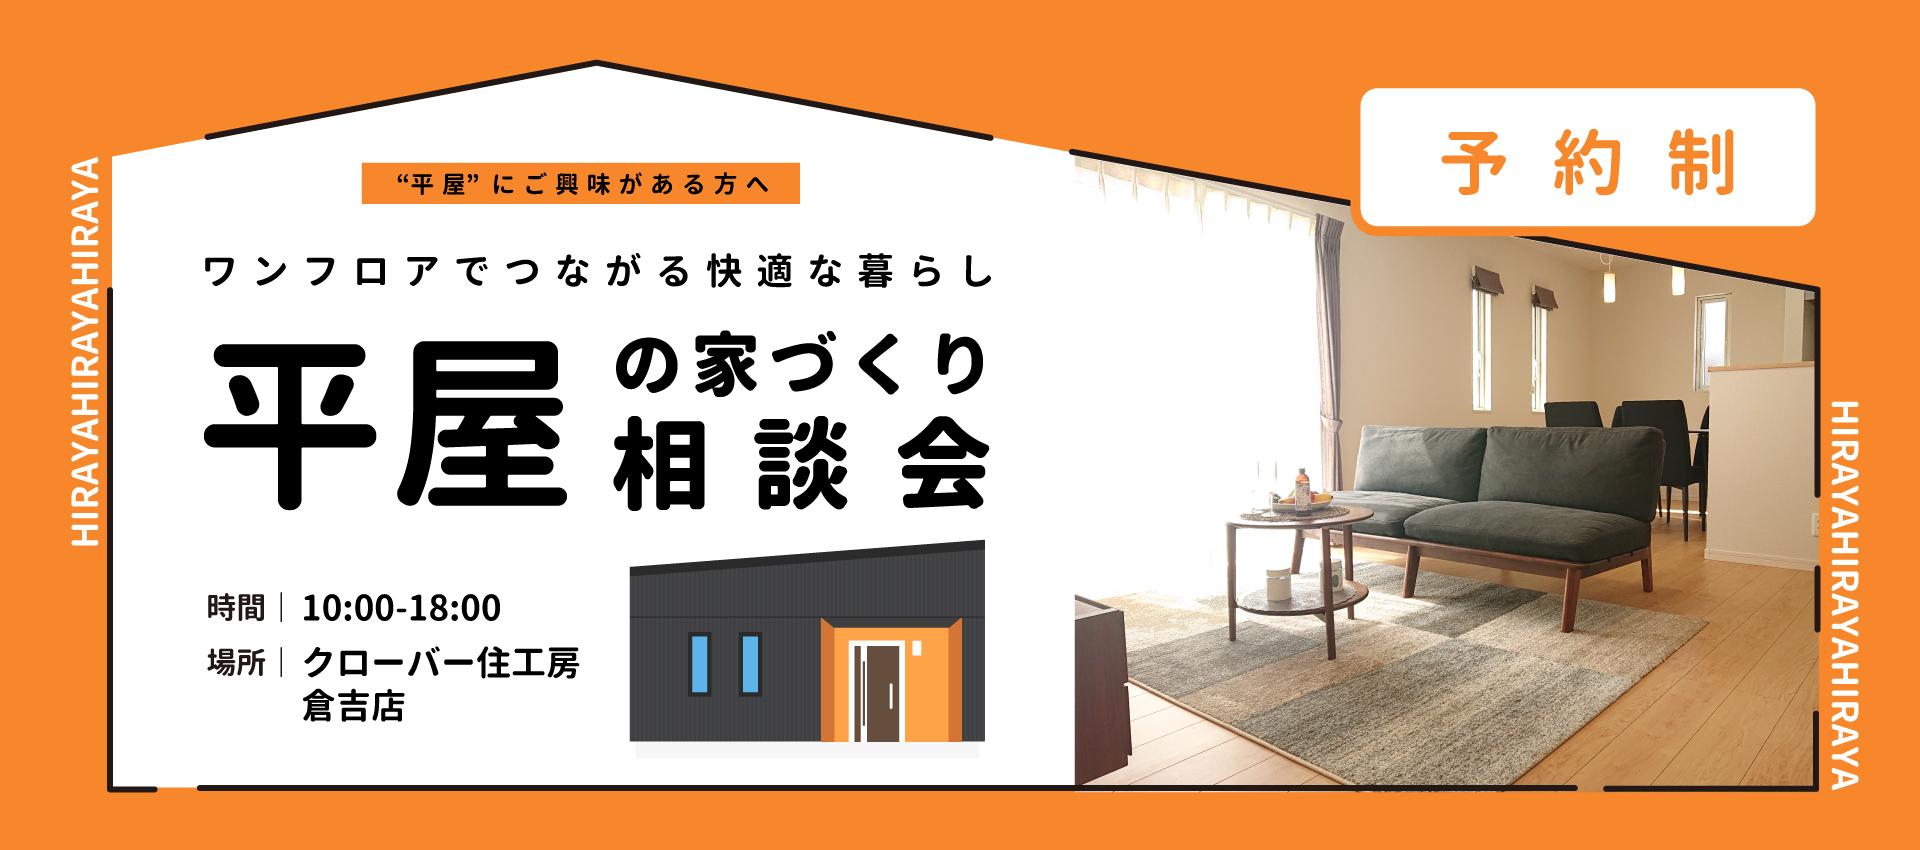 平屋の家づくり相談会 倉吉市